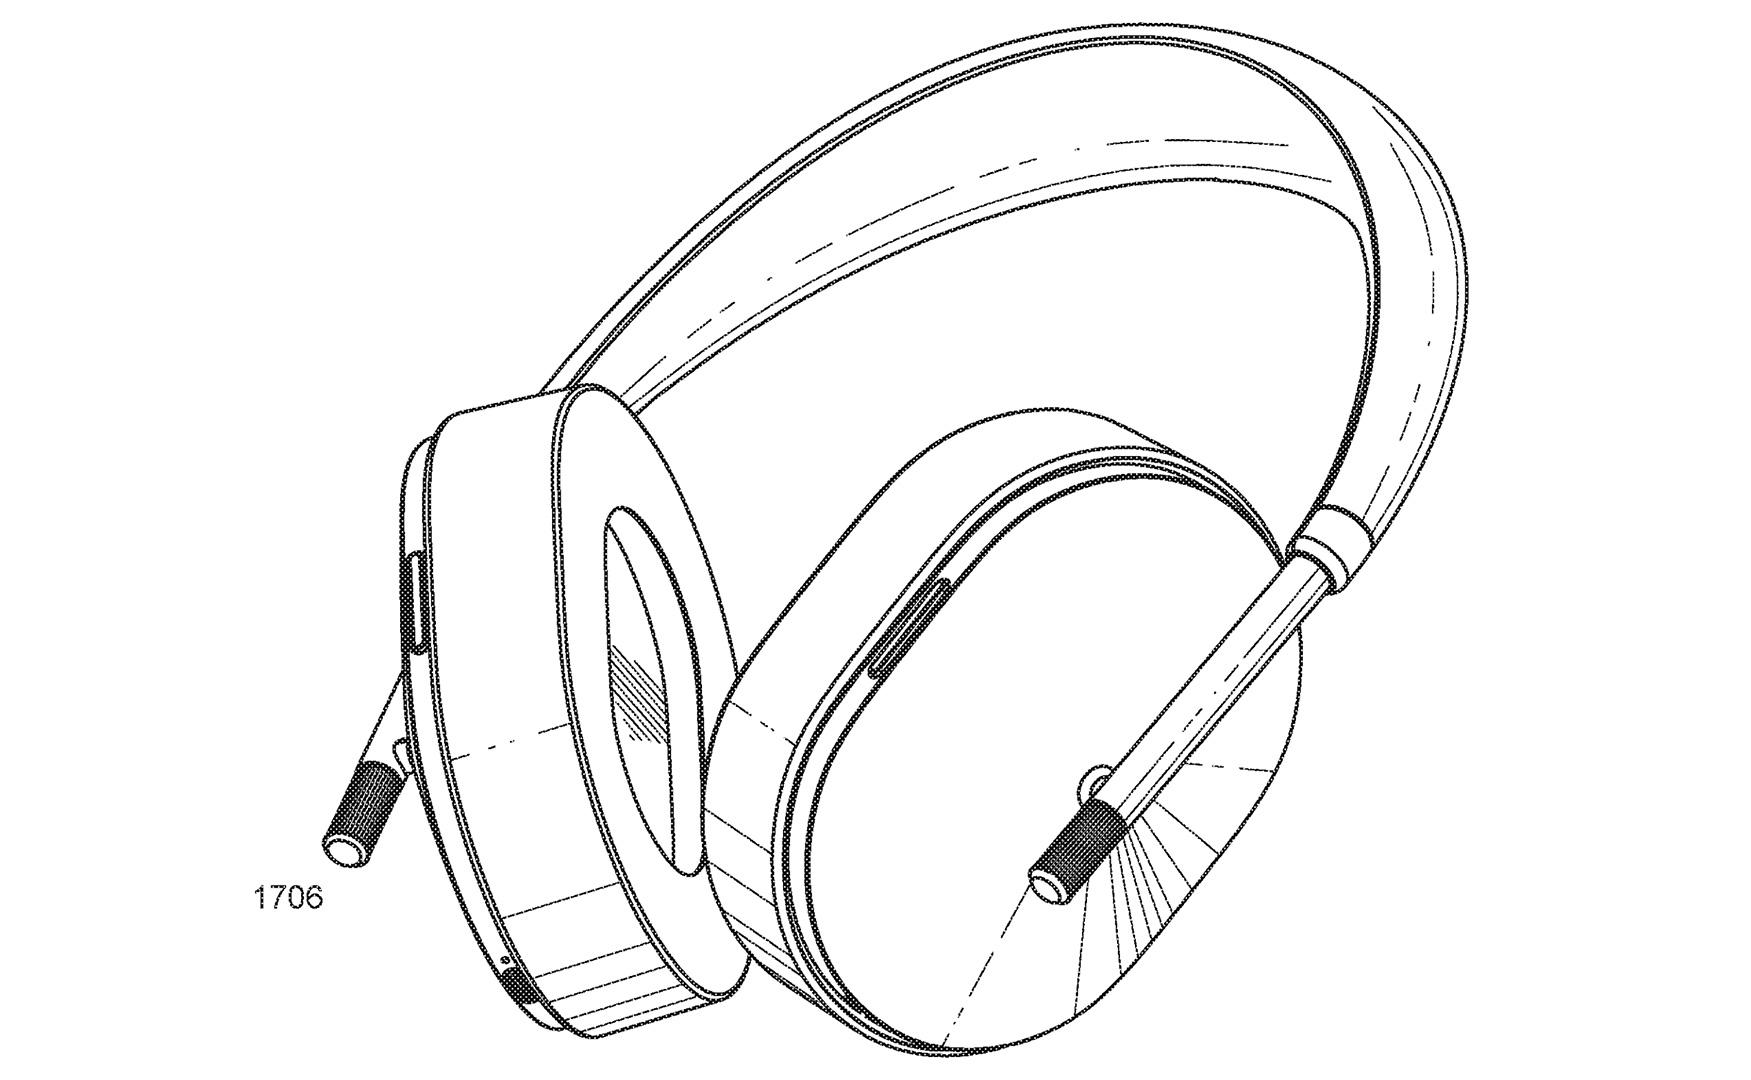 sonos wireless headphones patent